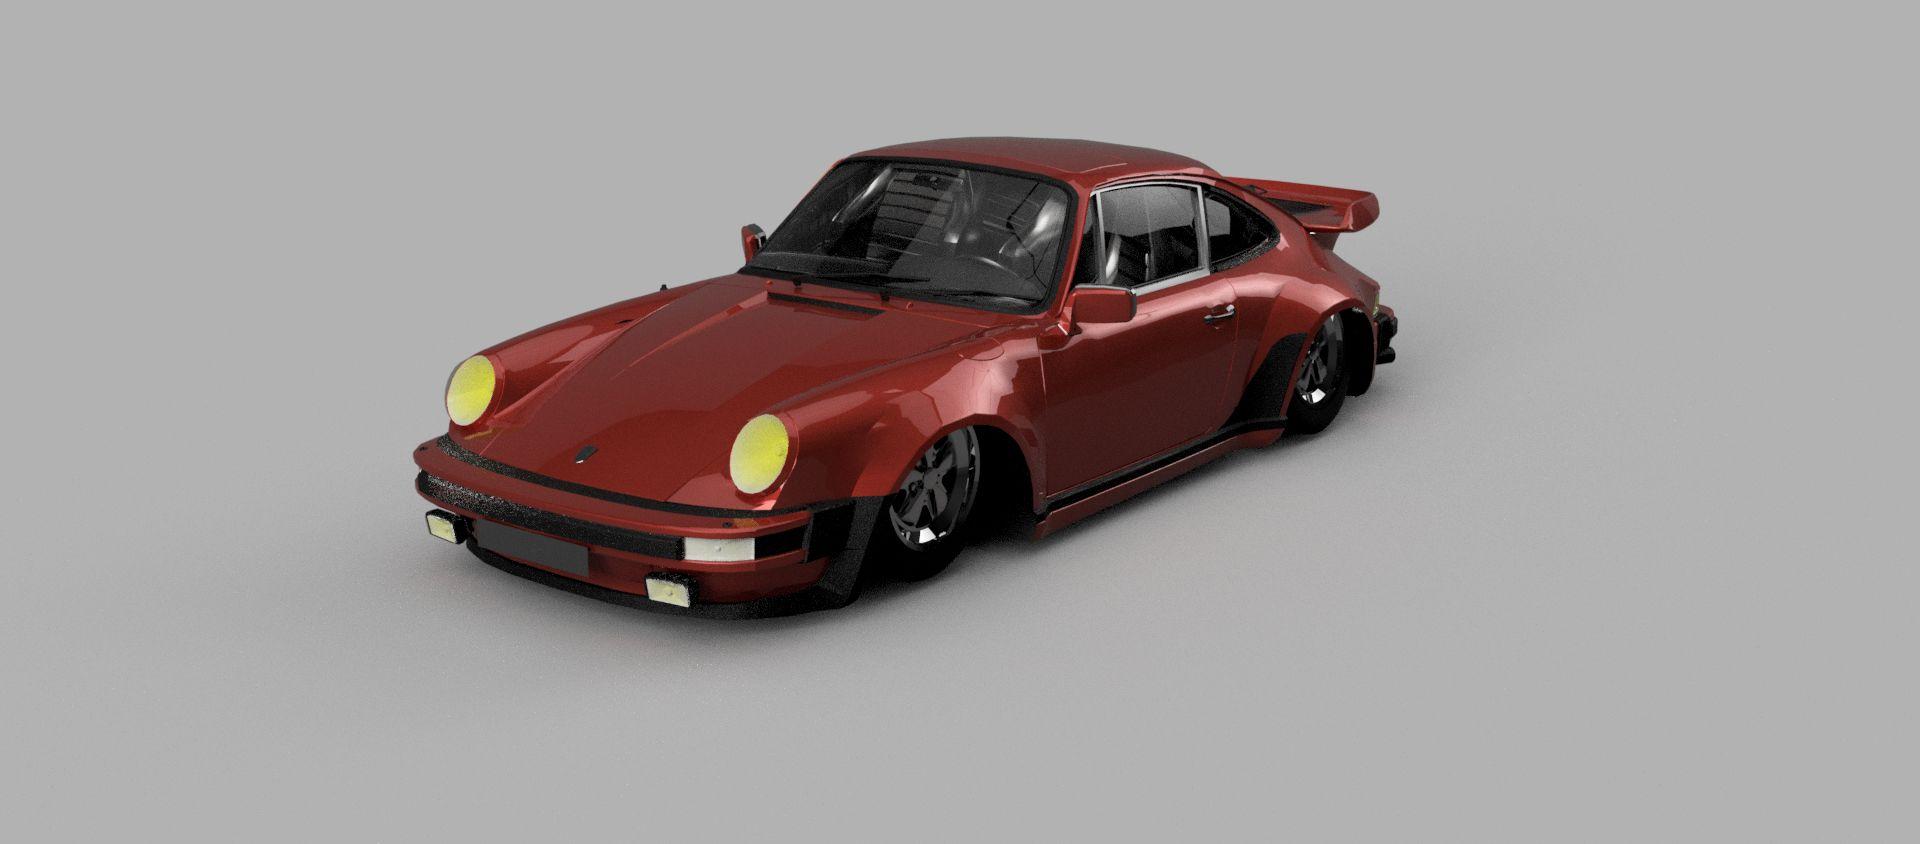 Porsche-targa-v1-3500-3500